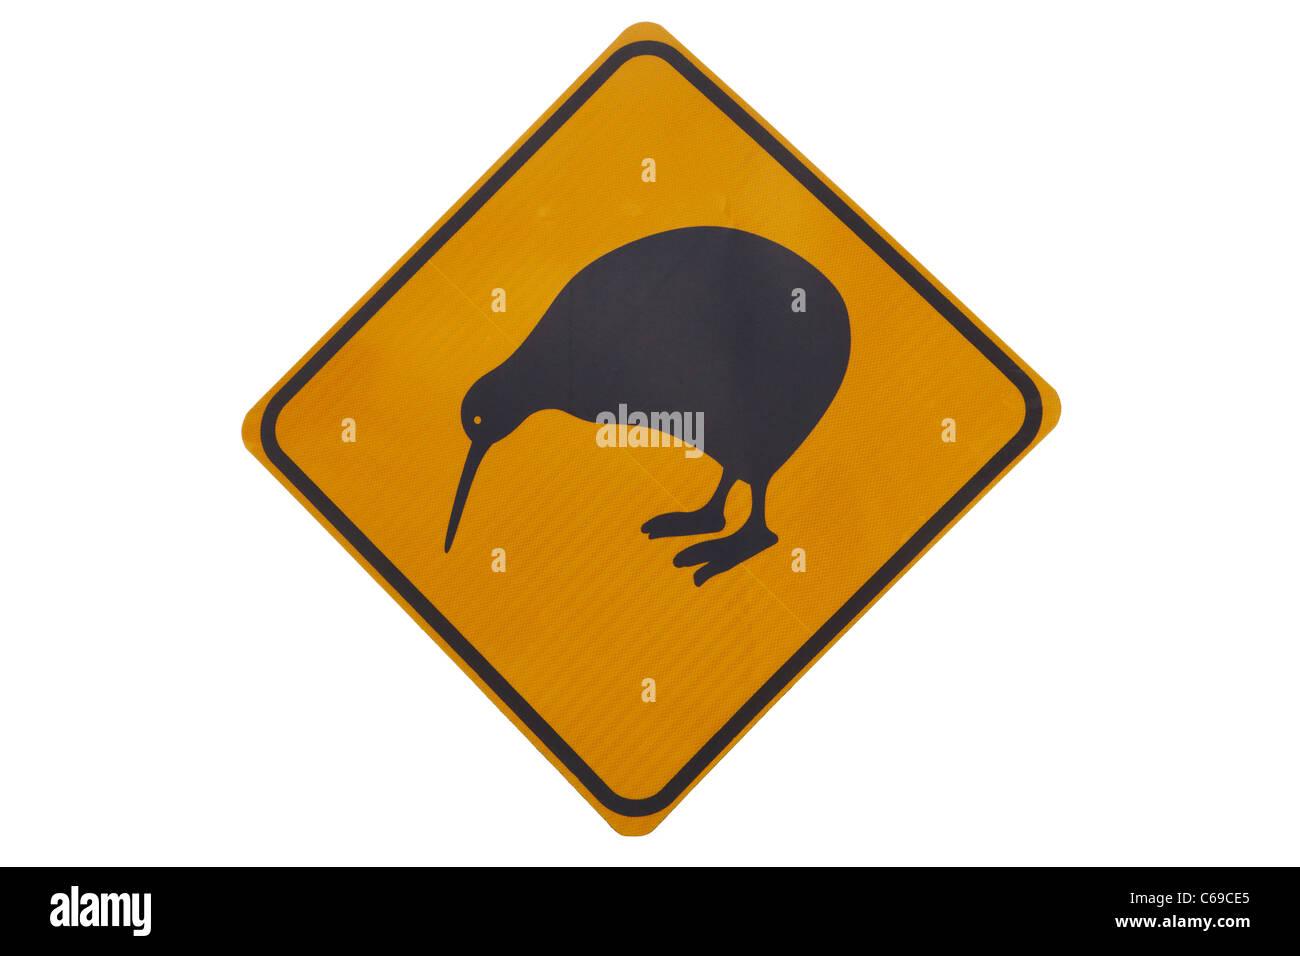 Iconic yellow Kiwi warning sign - Stock Image